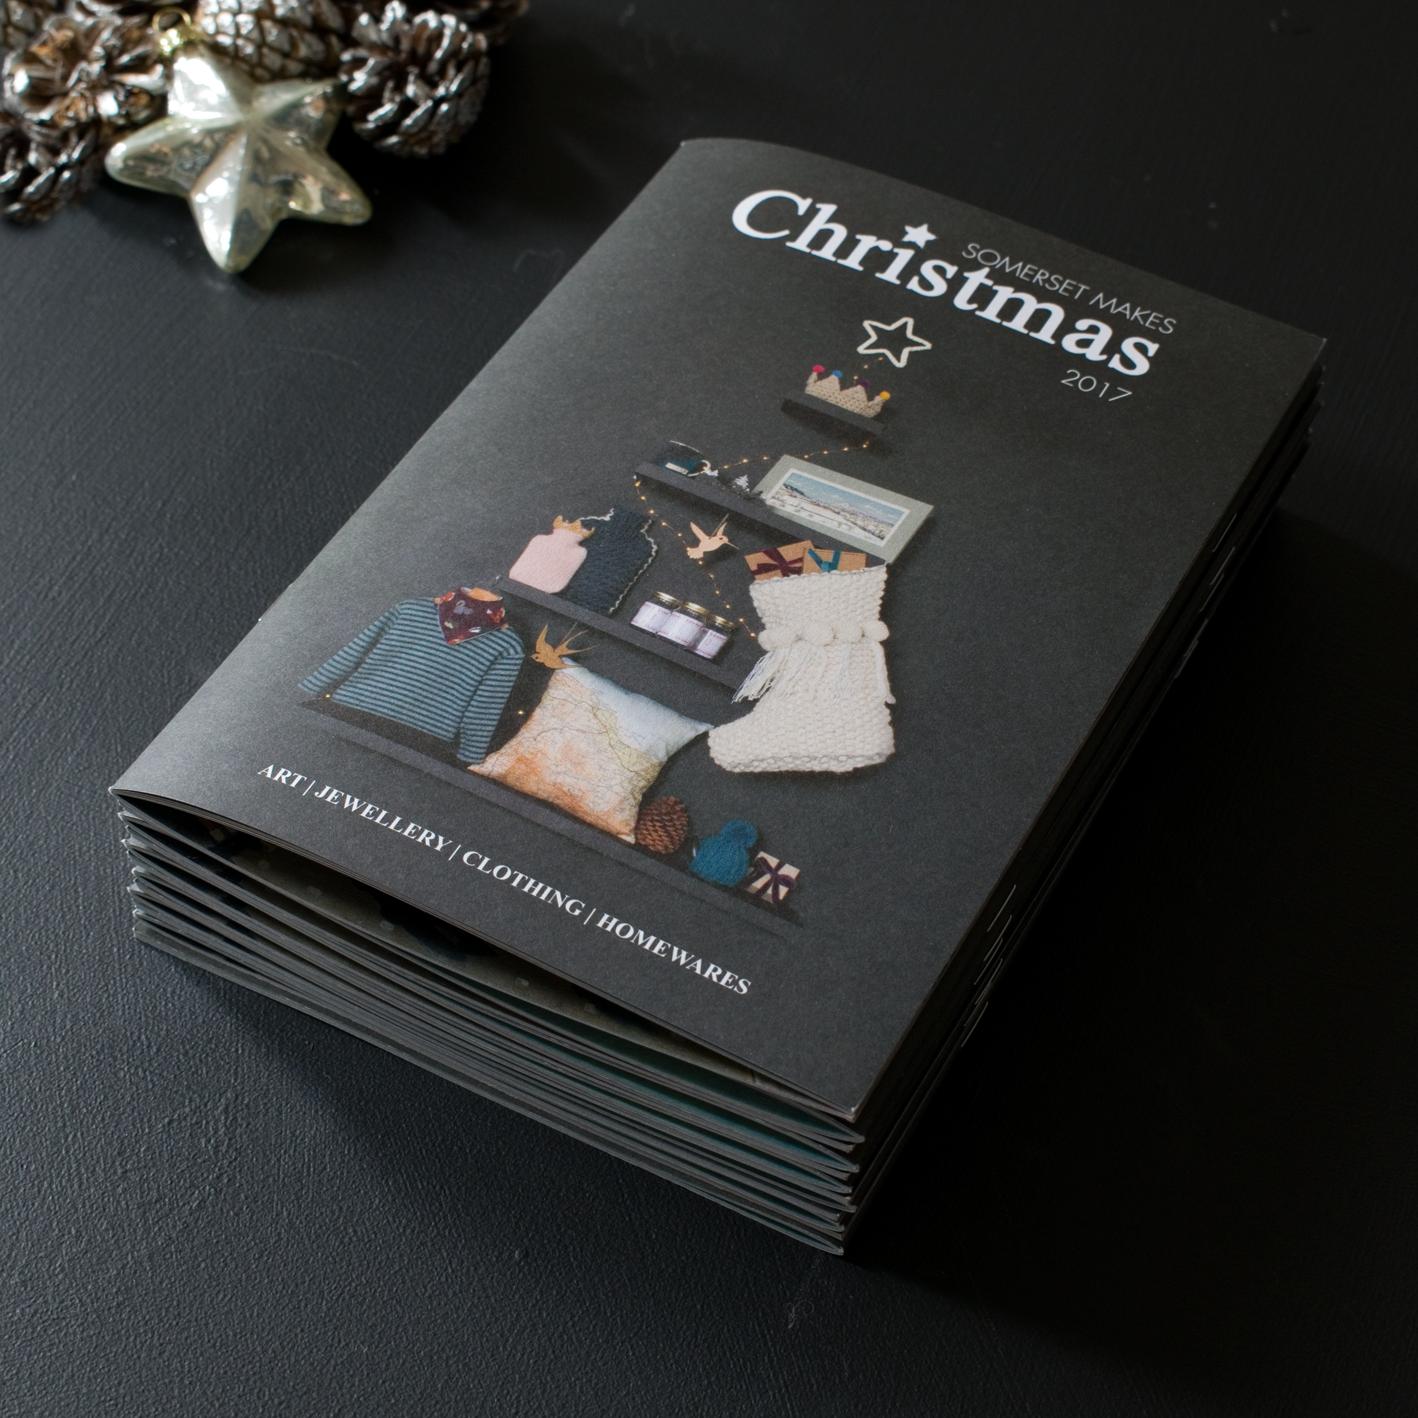 Catalogue3 Small